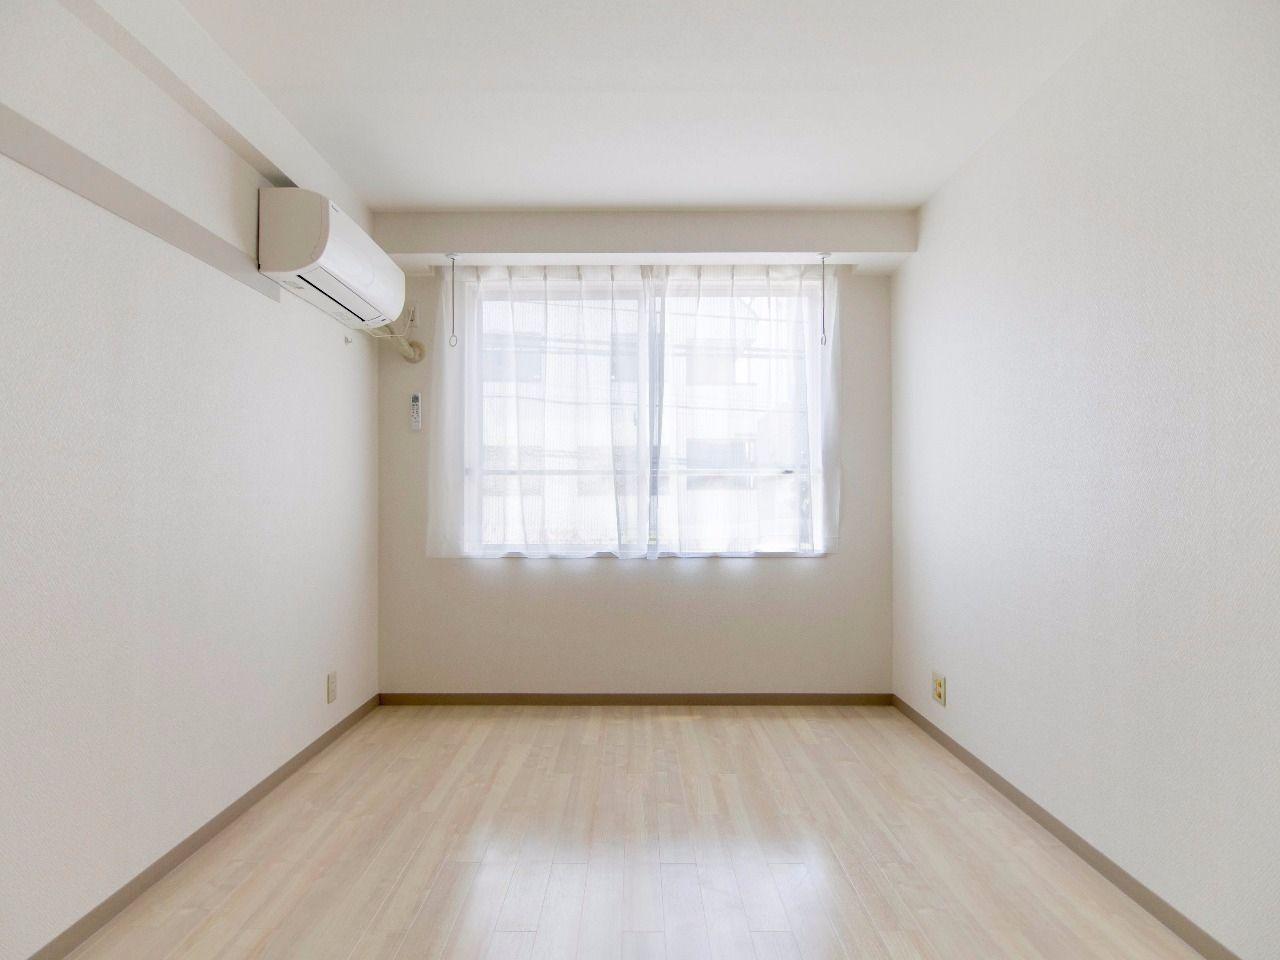 カーテンは入居期間中貸出(無料)できます(退去時に要クリーニング代)。